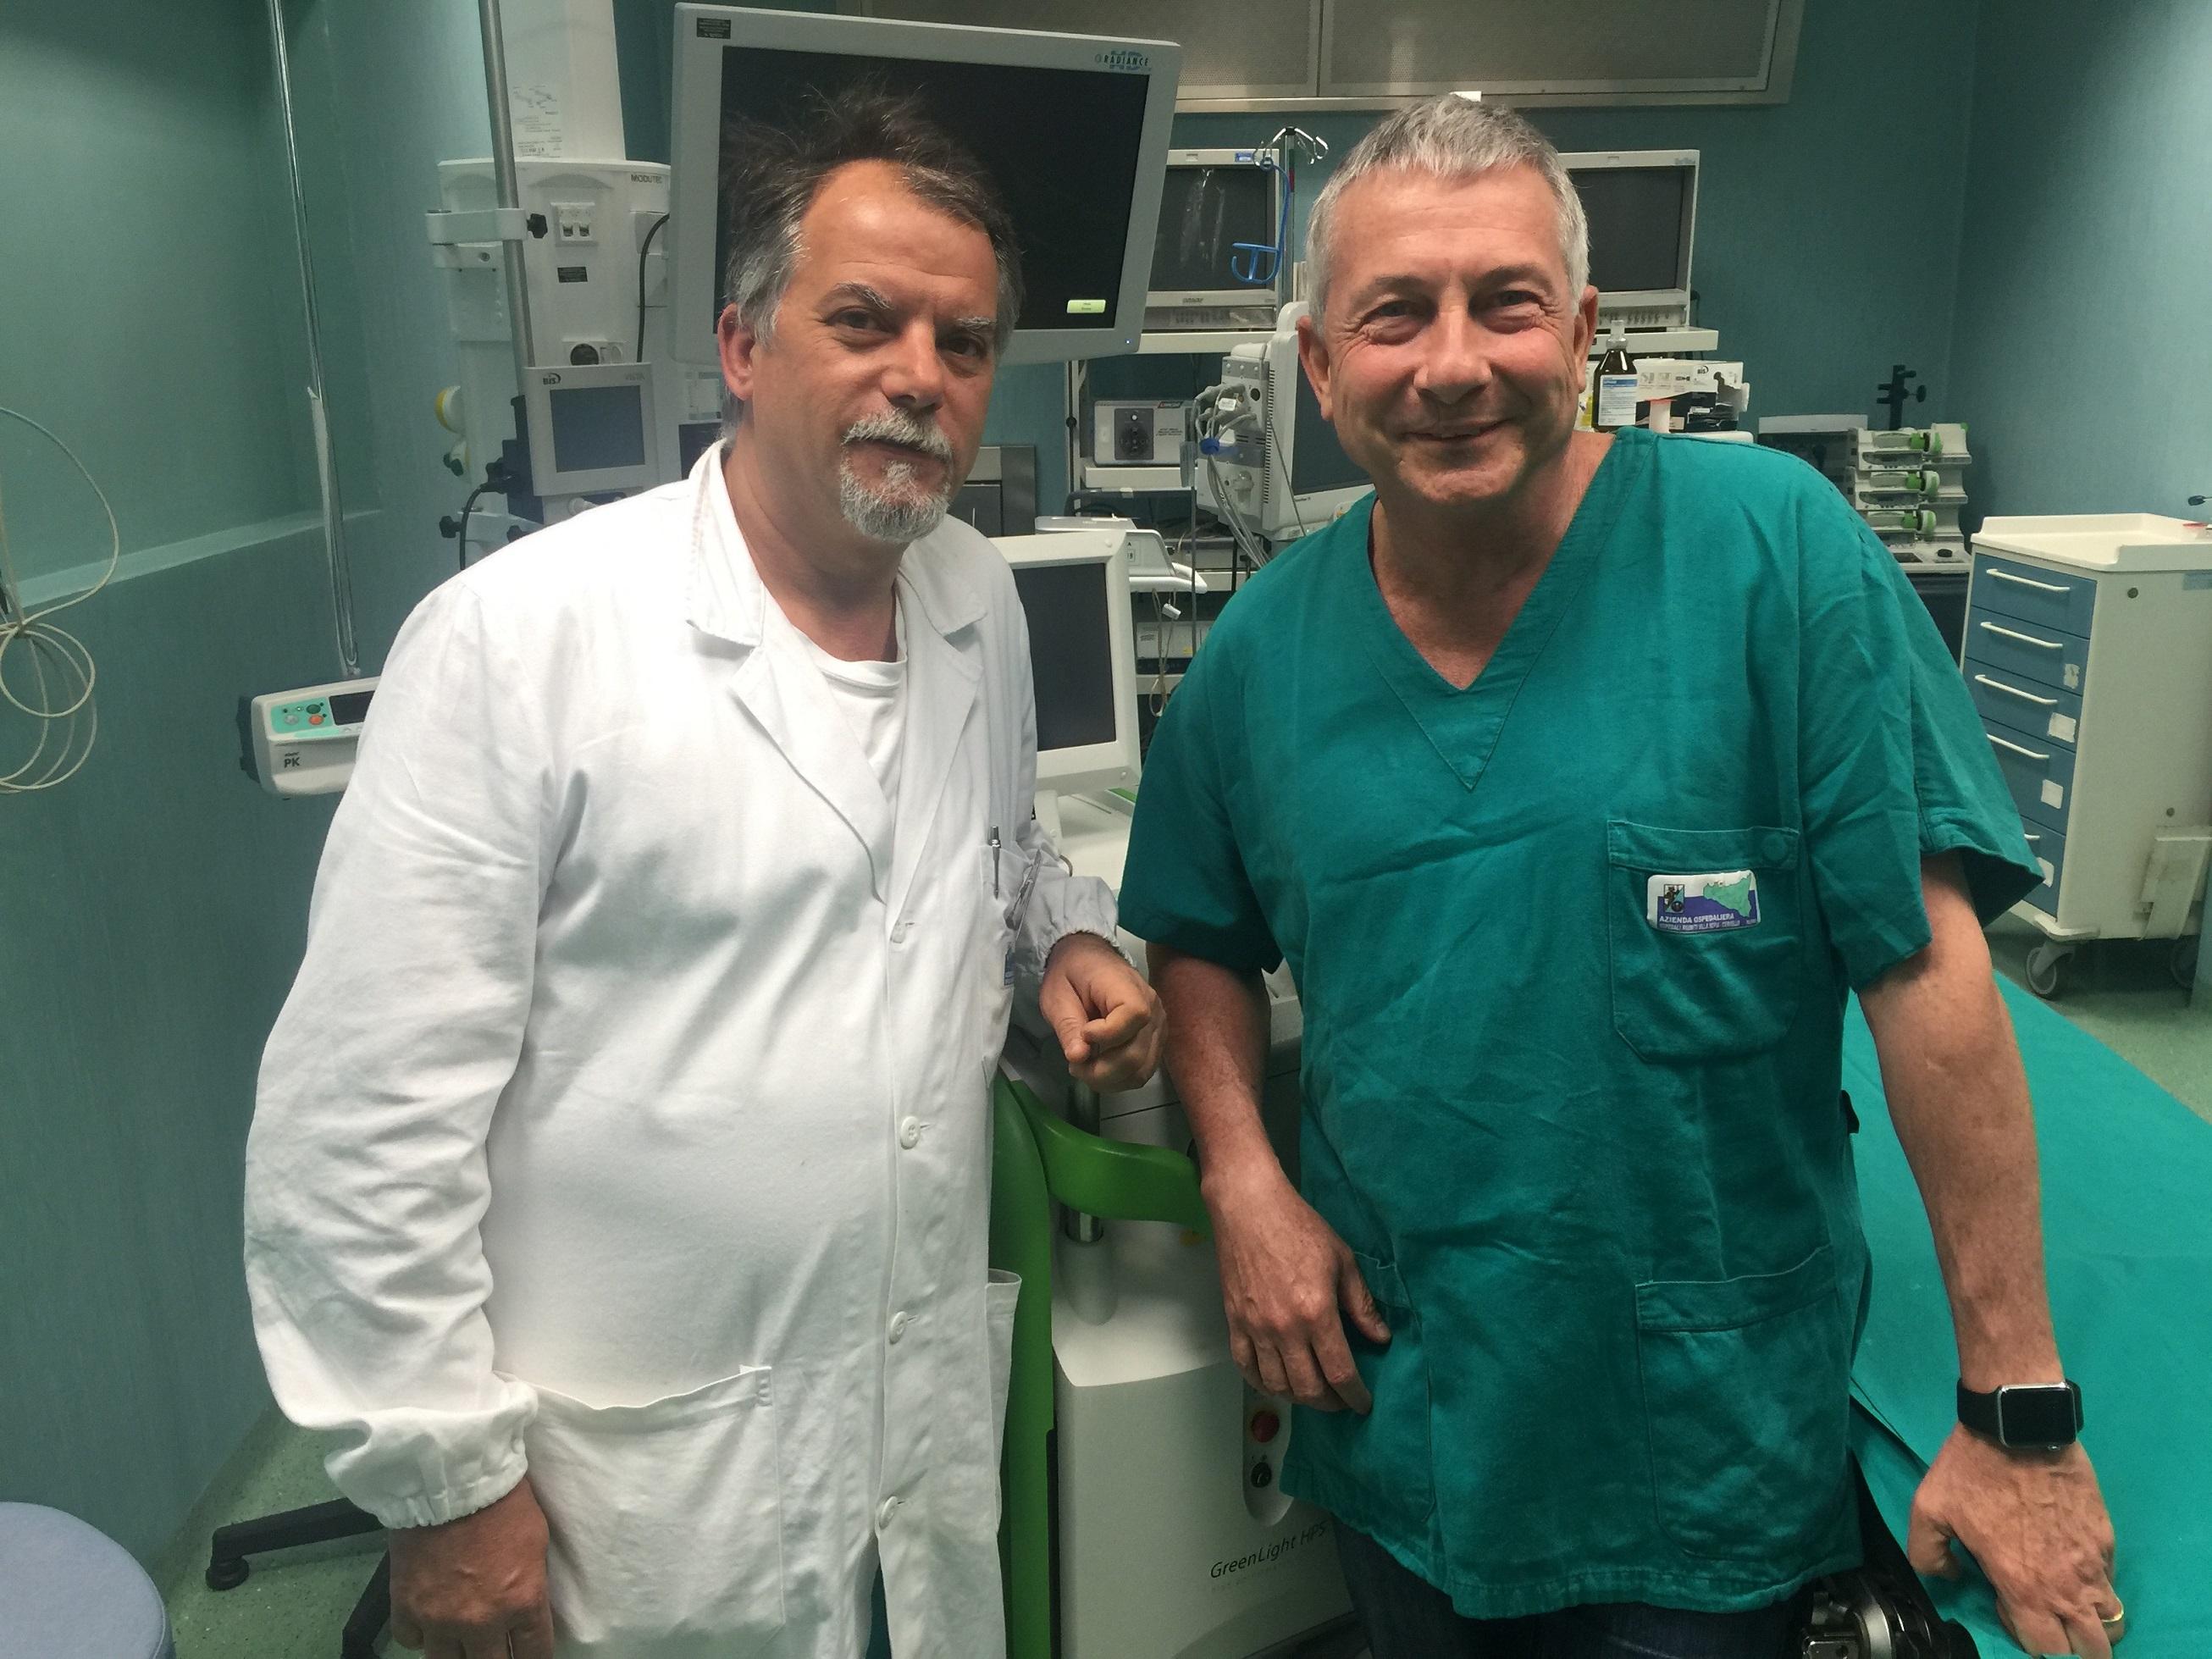 miglior centro per operare prostata con raggio verdes